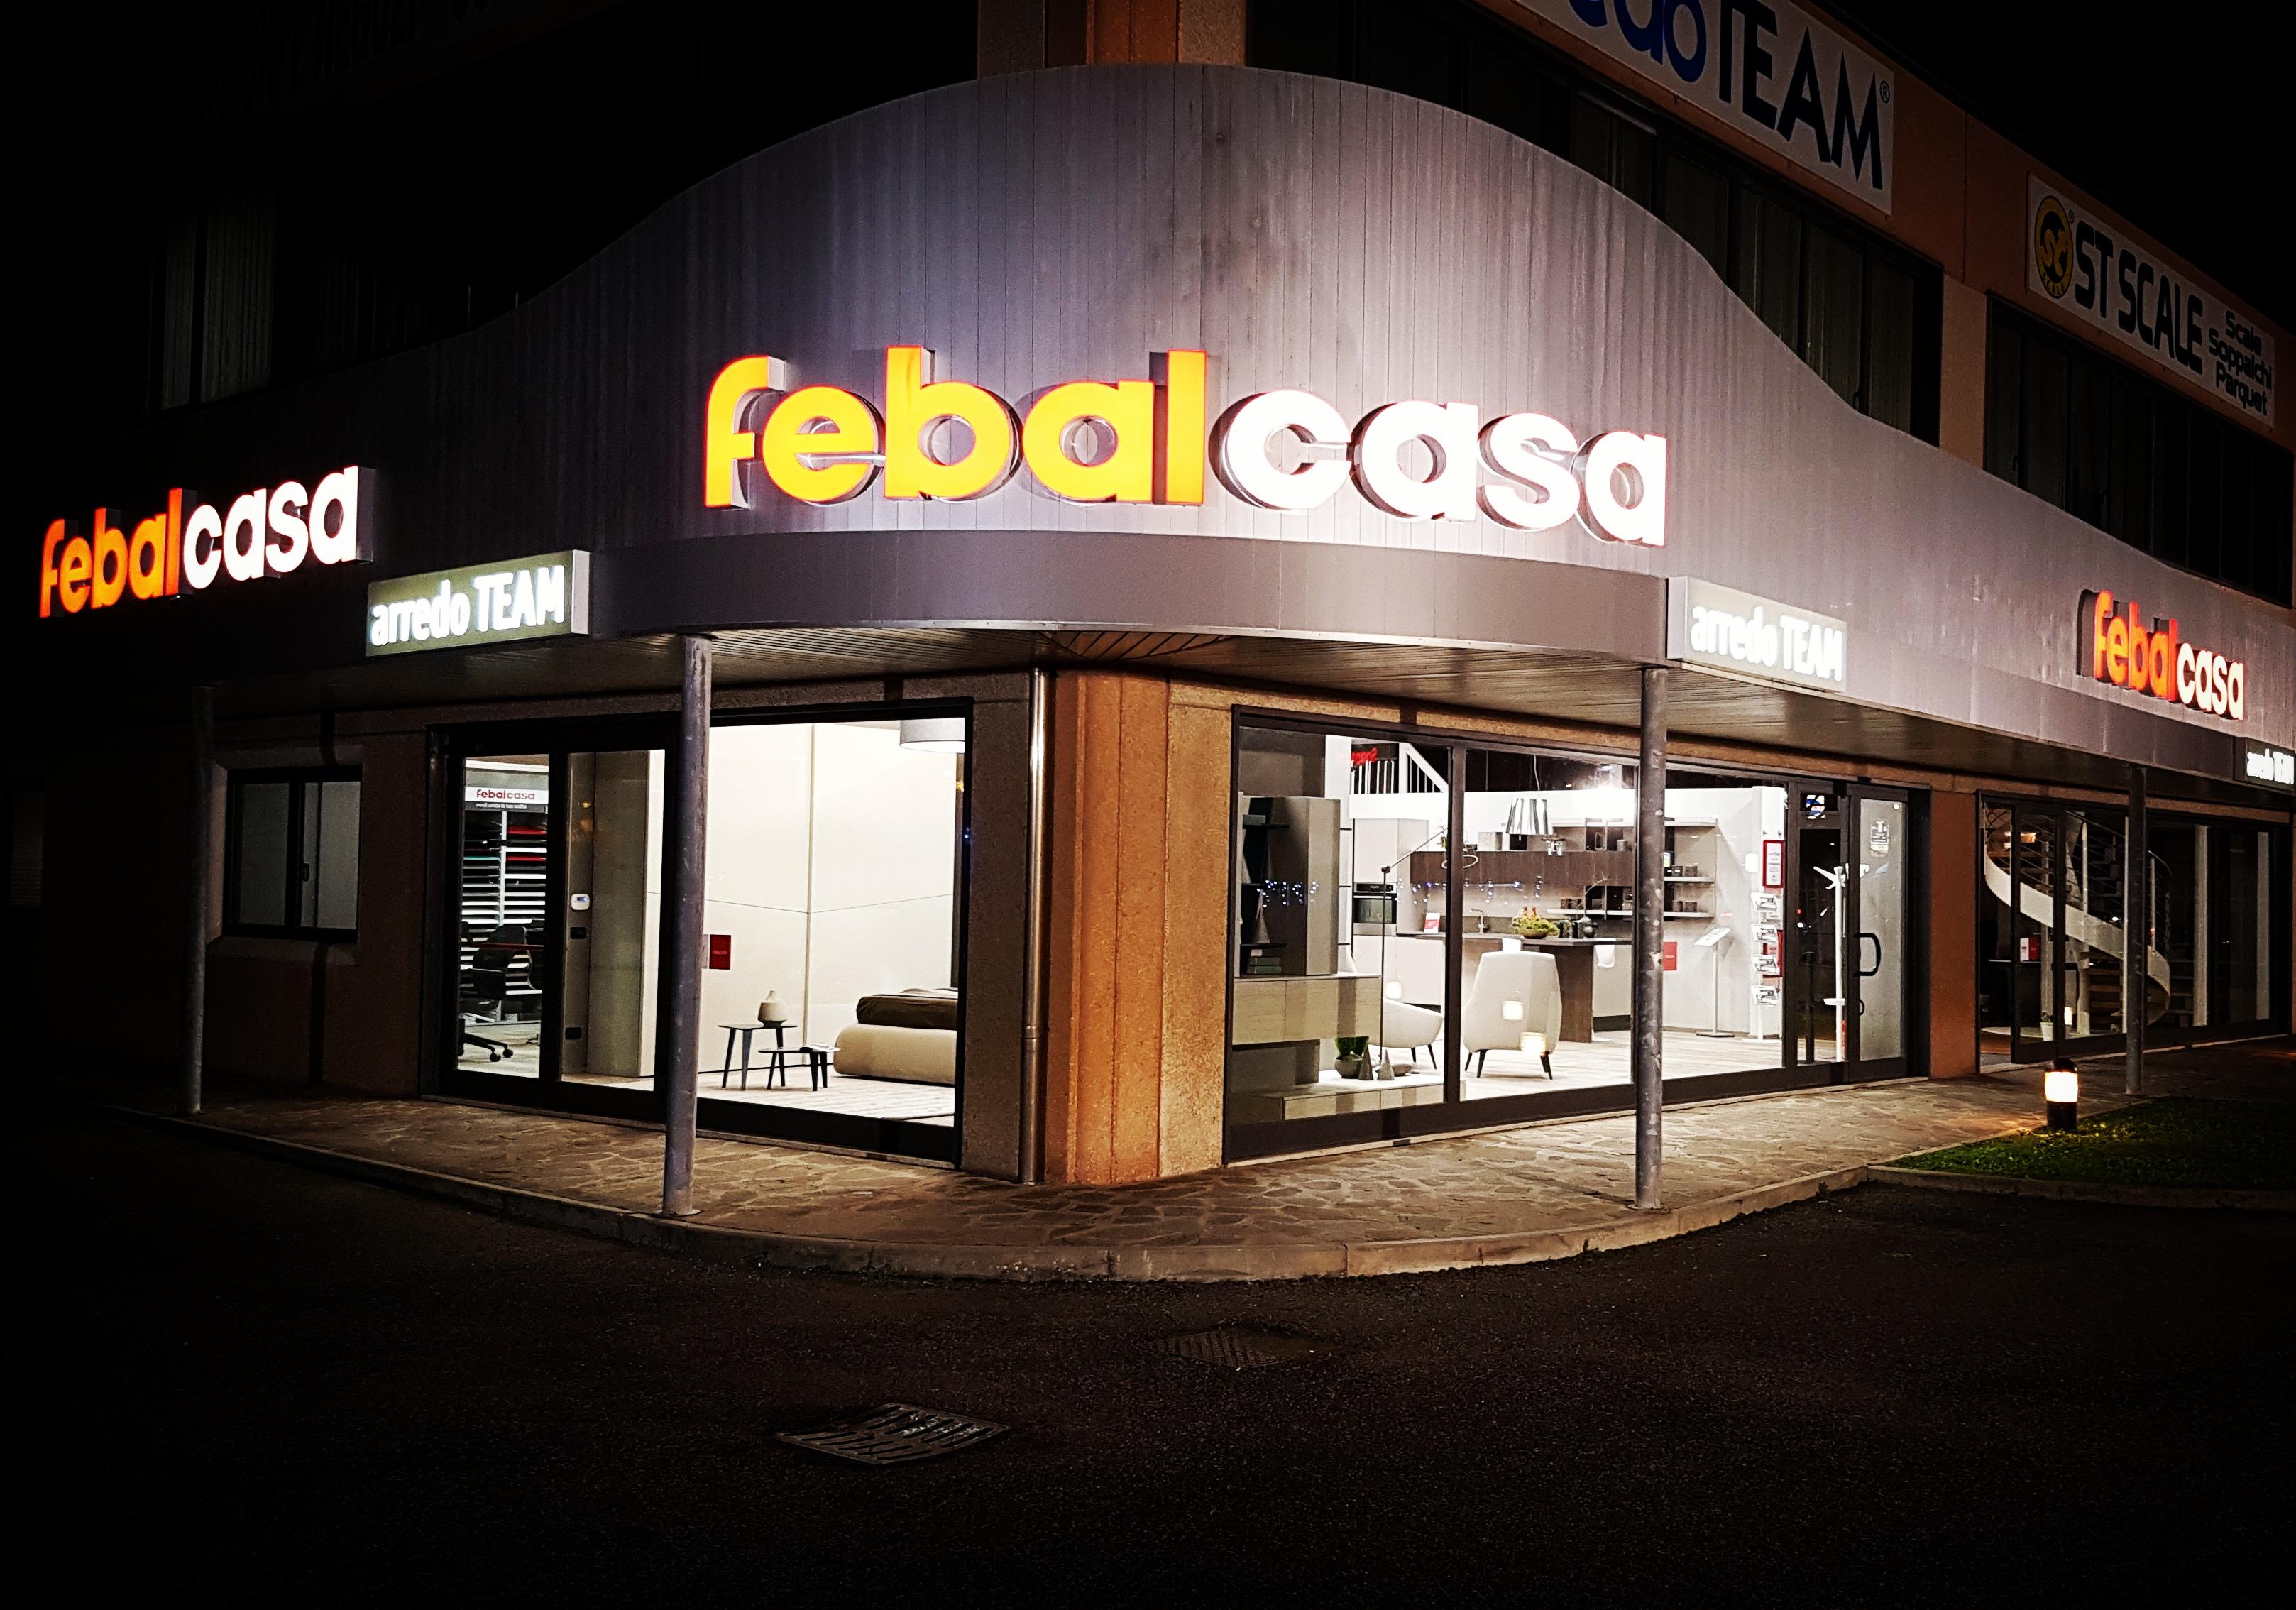 Awesome arredo team with negozi arredamento casa for Arredamento natalizio casa